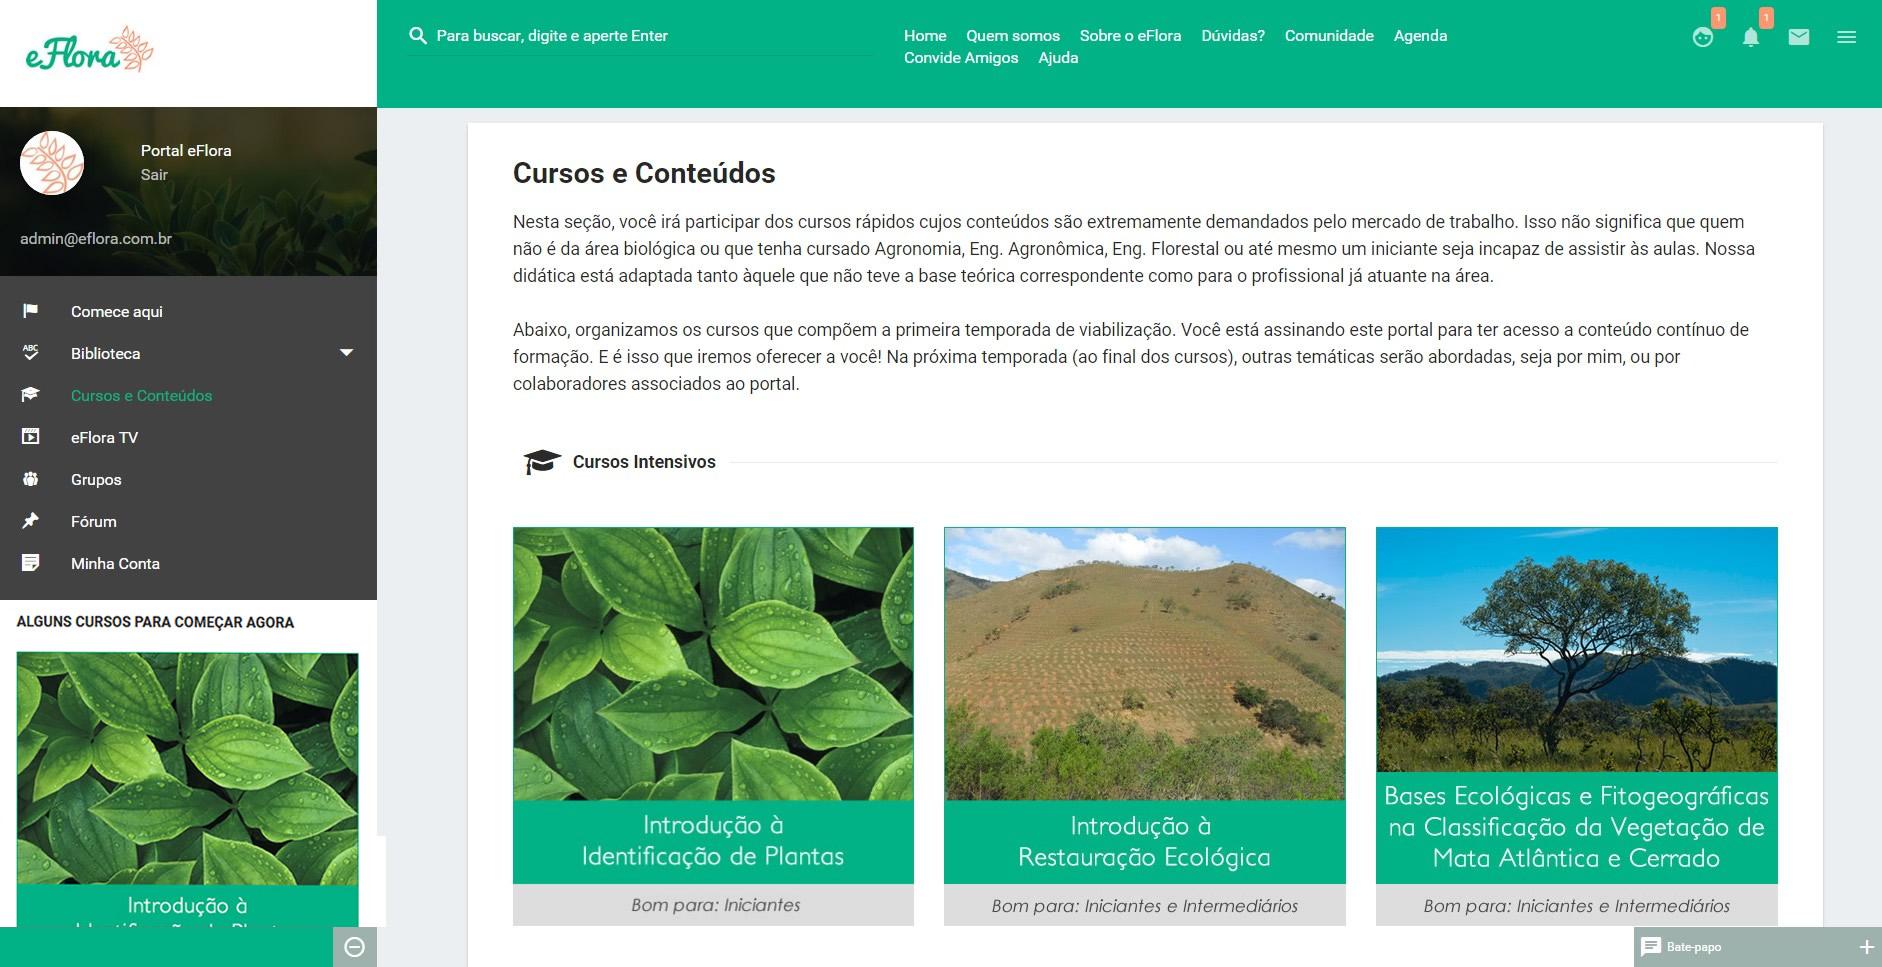 Cursos de botanica e meio ambiente